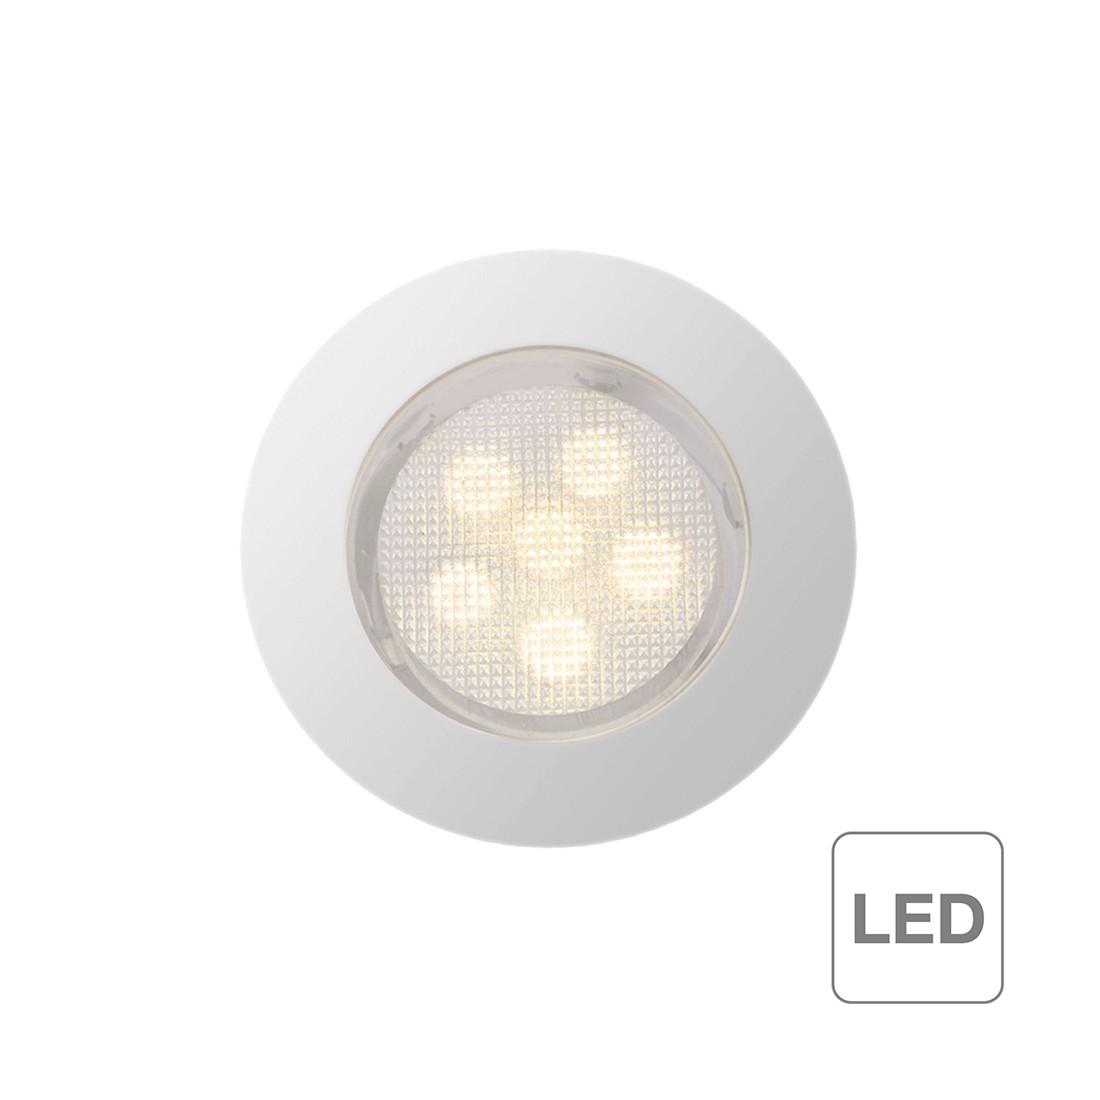 home24 Einbauleuchte Cosa 45 | Lampen > Strahler und Systeme | Silber | Metall | Brilliant